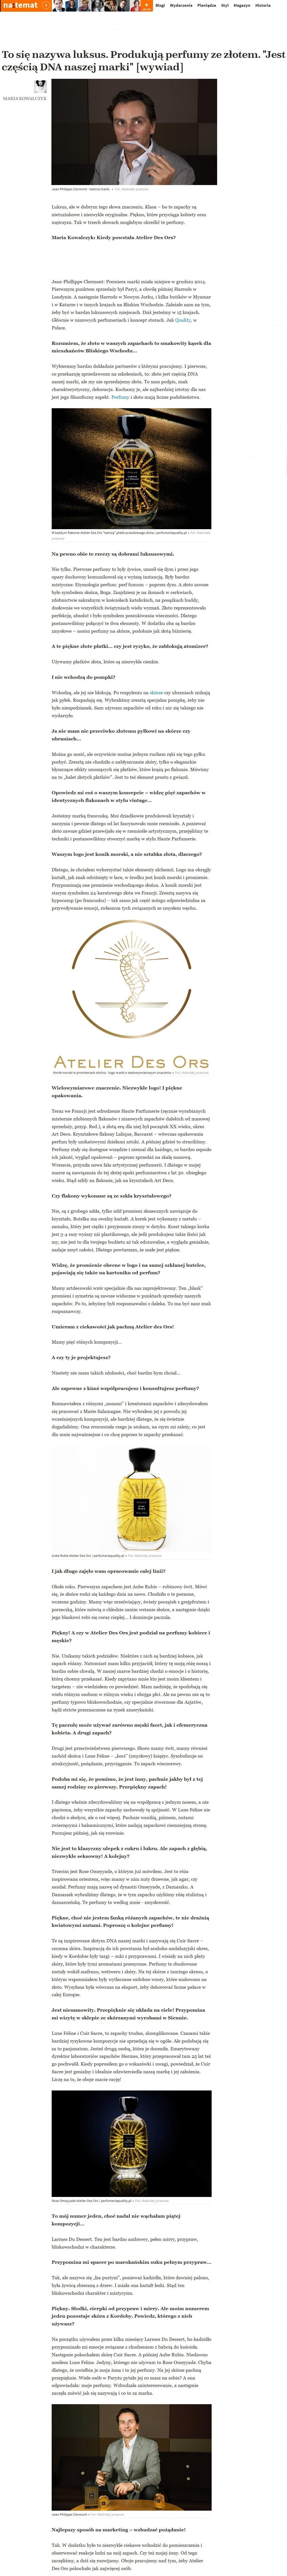 2015.07.23_NaTemat.pl Wywiad z Jeanem-Philippem Clermontem